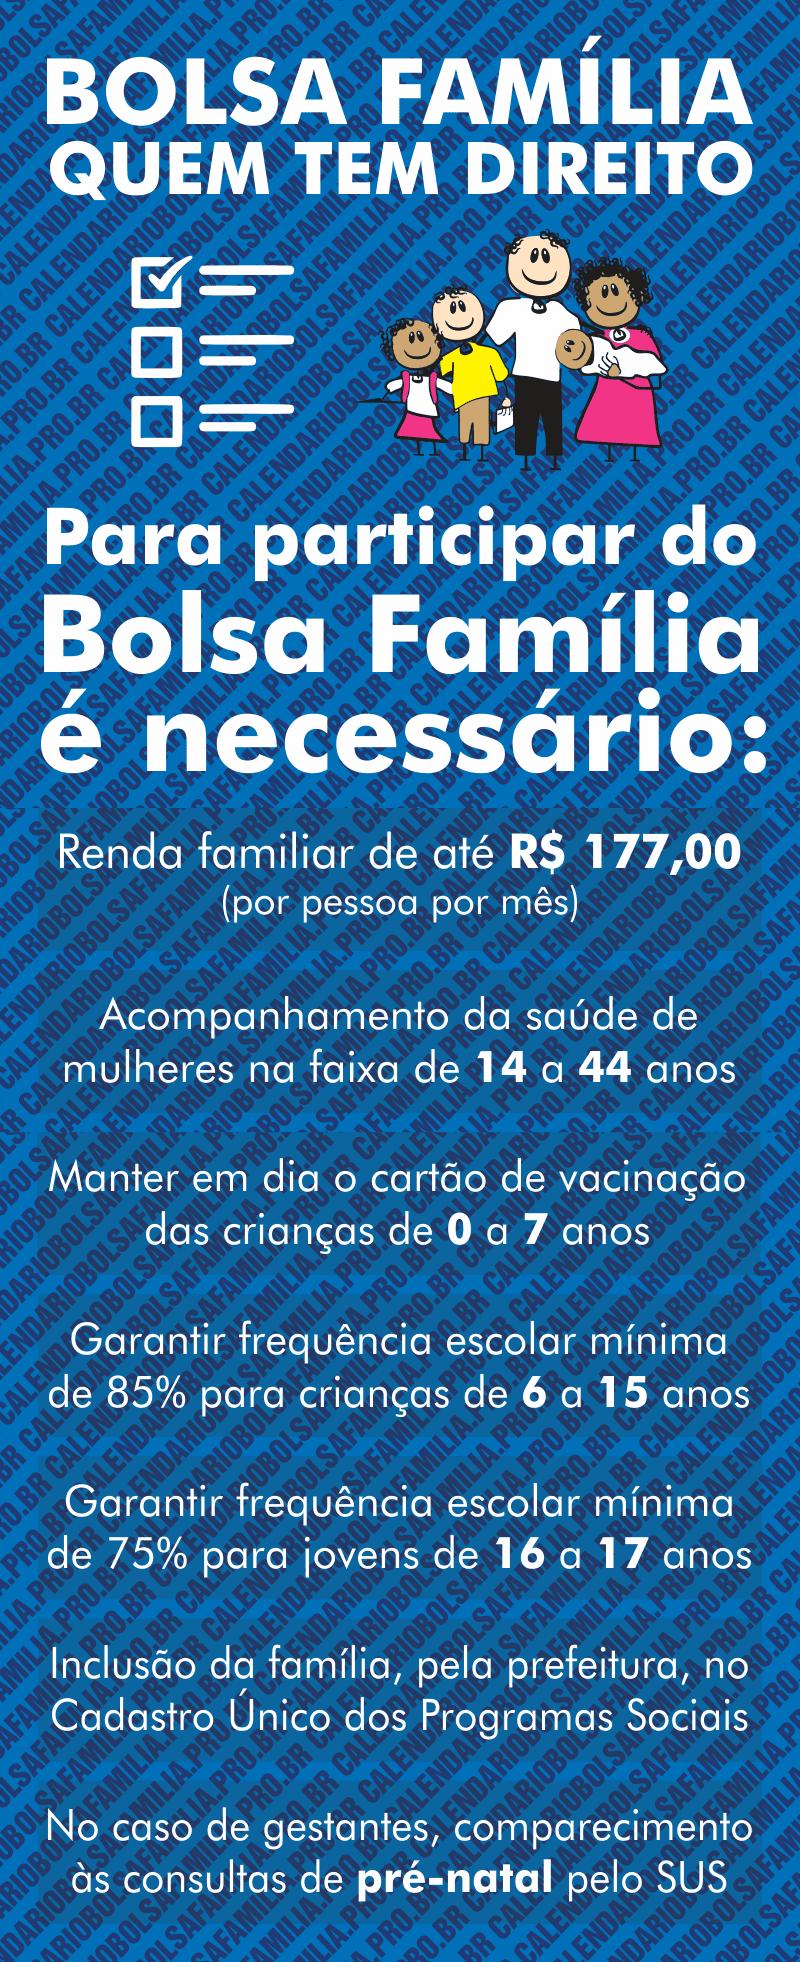 Quem tem direito ao Bolsa Família